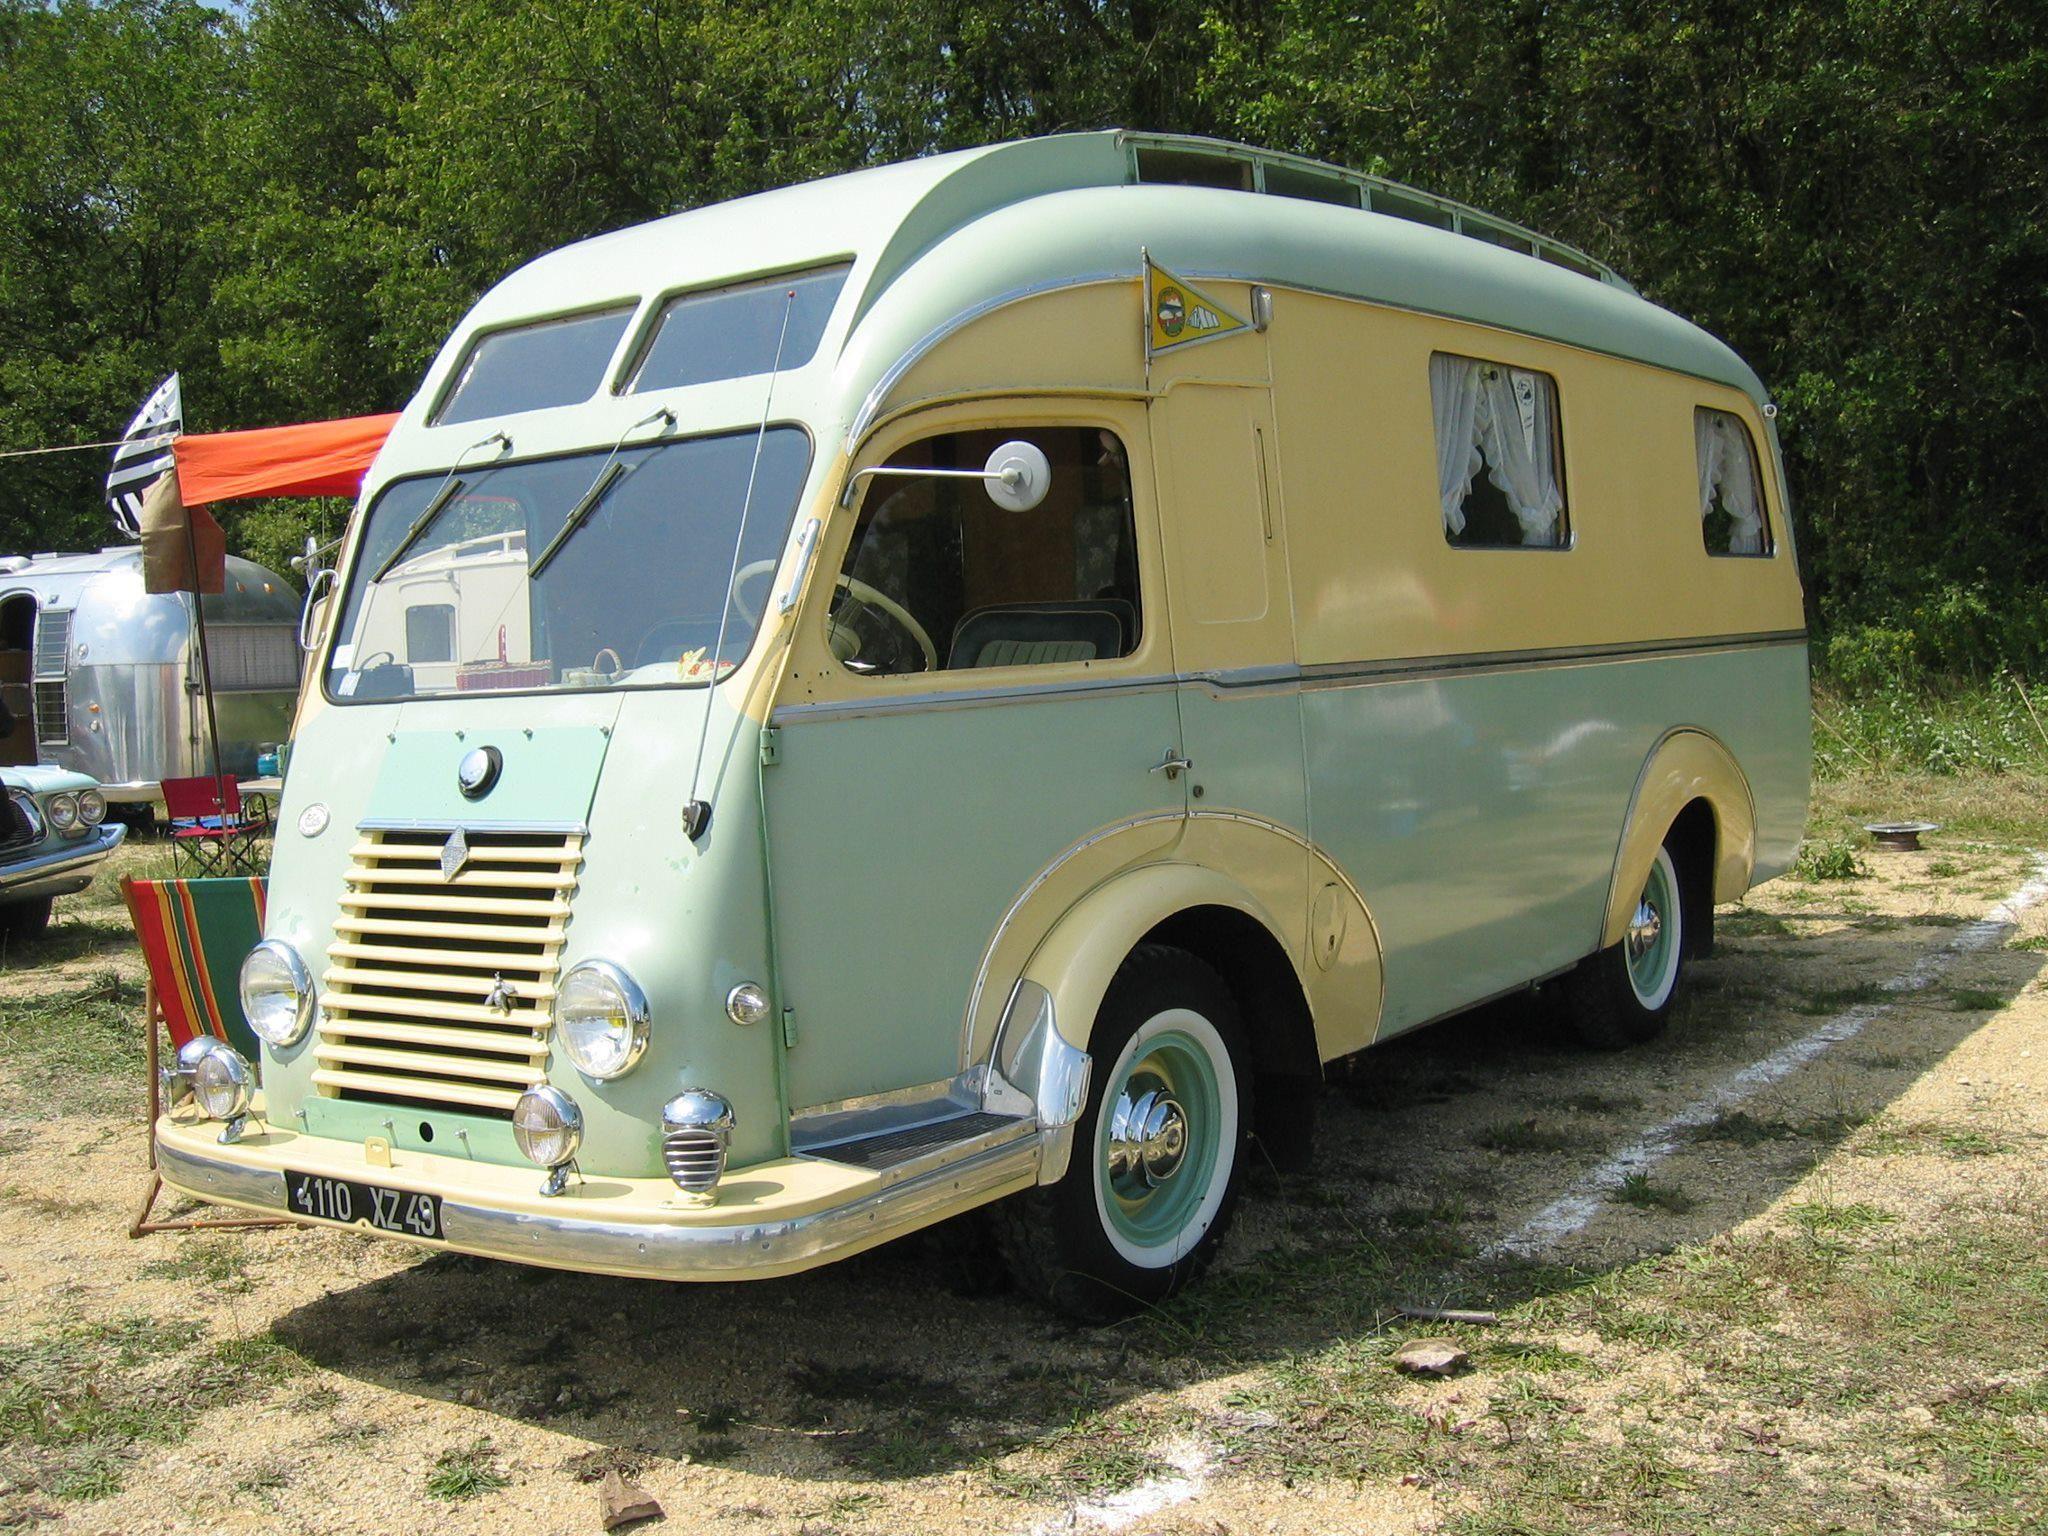 Renault camper  Vintage camper, Vintage travel trailers, Vintage